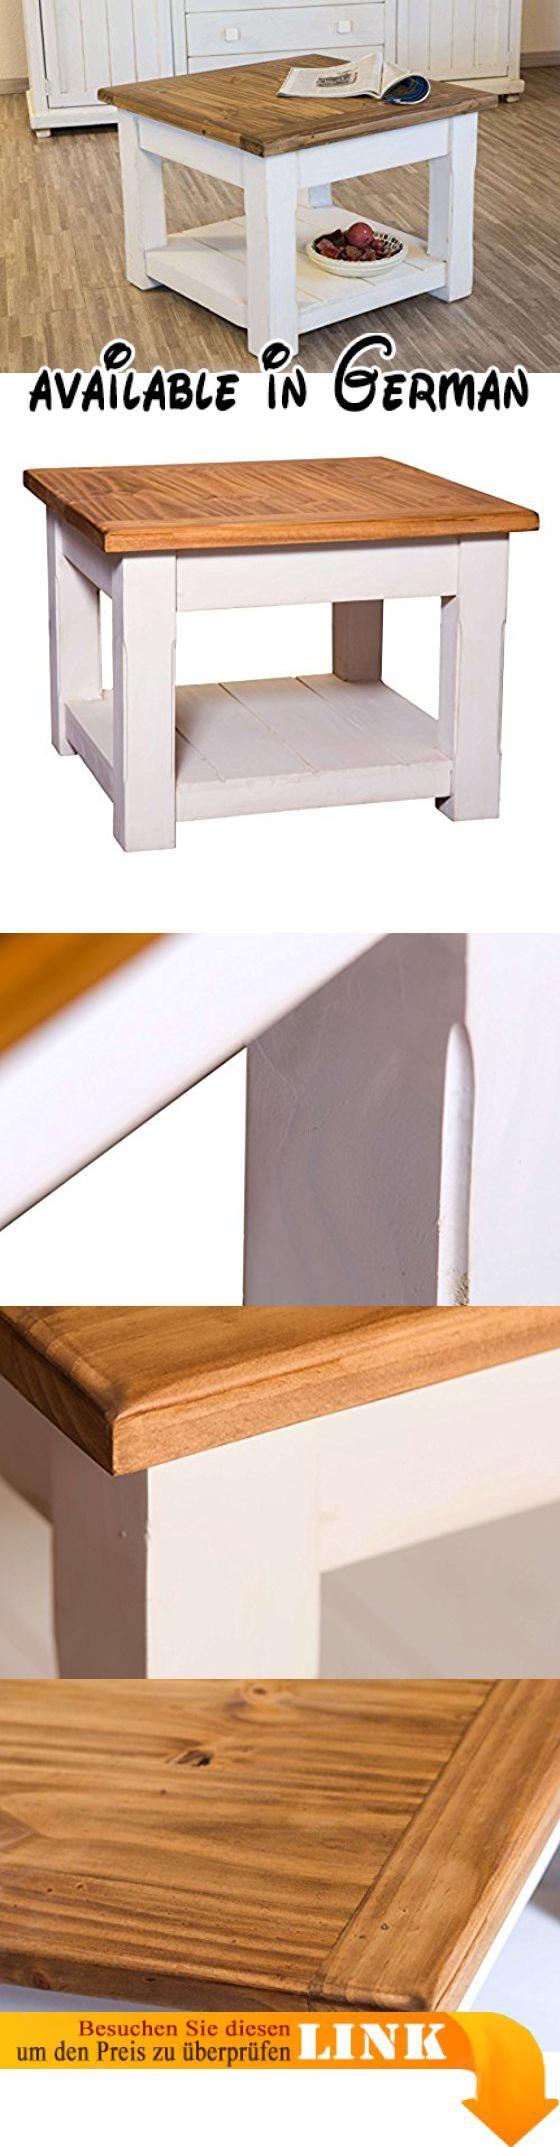 Miamöbel b06x9pwzwx miamöbel beistelltisch palmas material massivholz